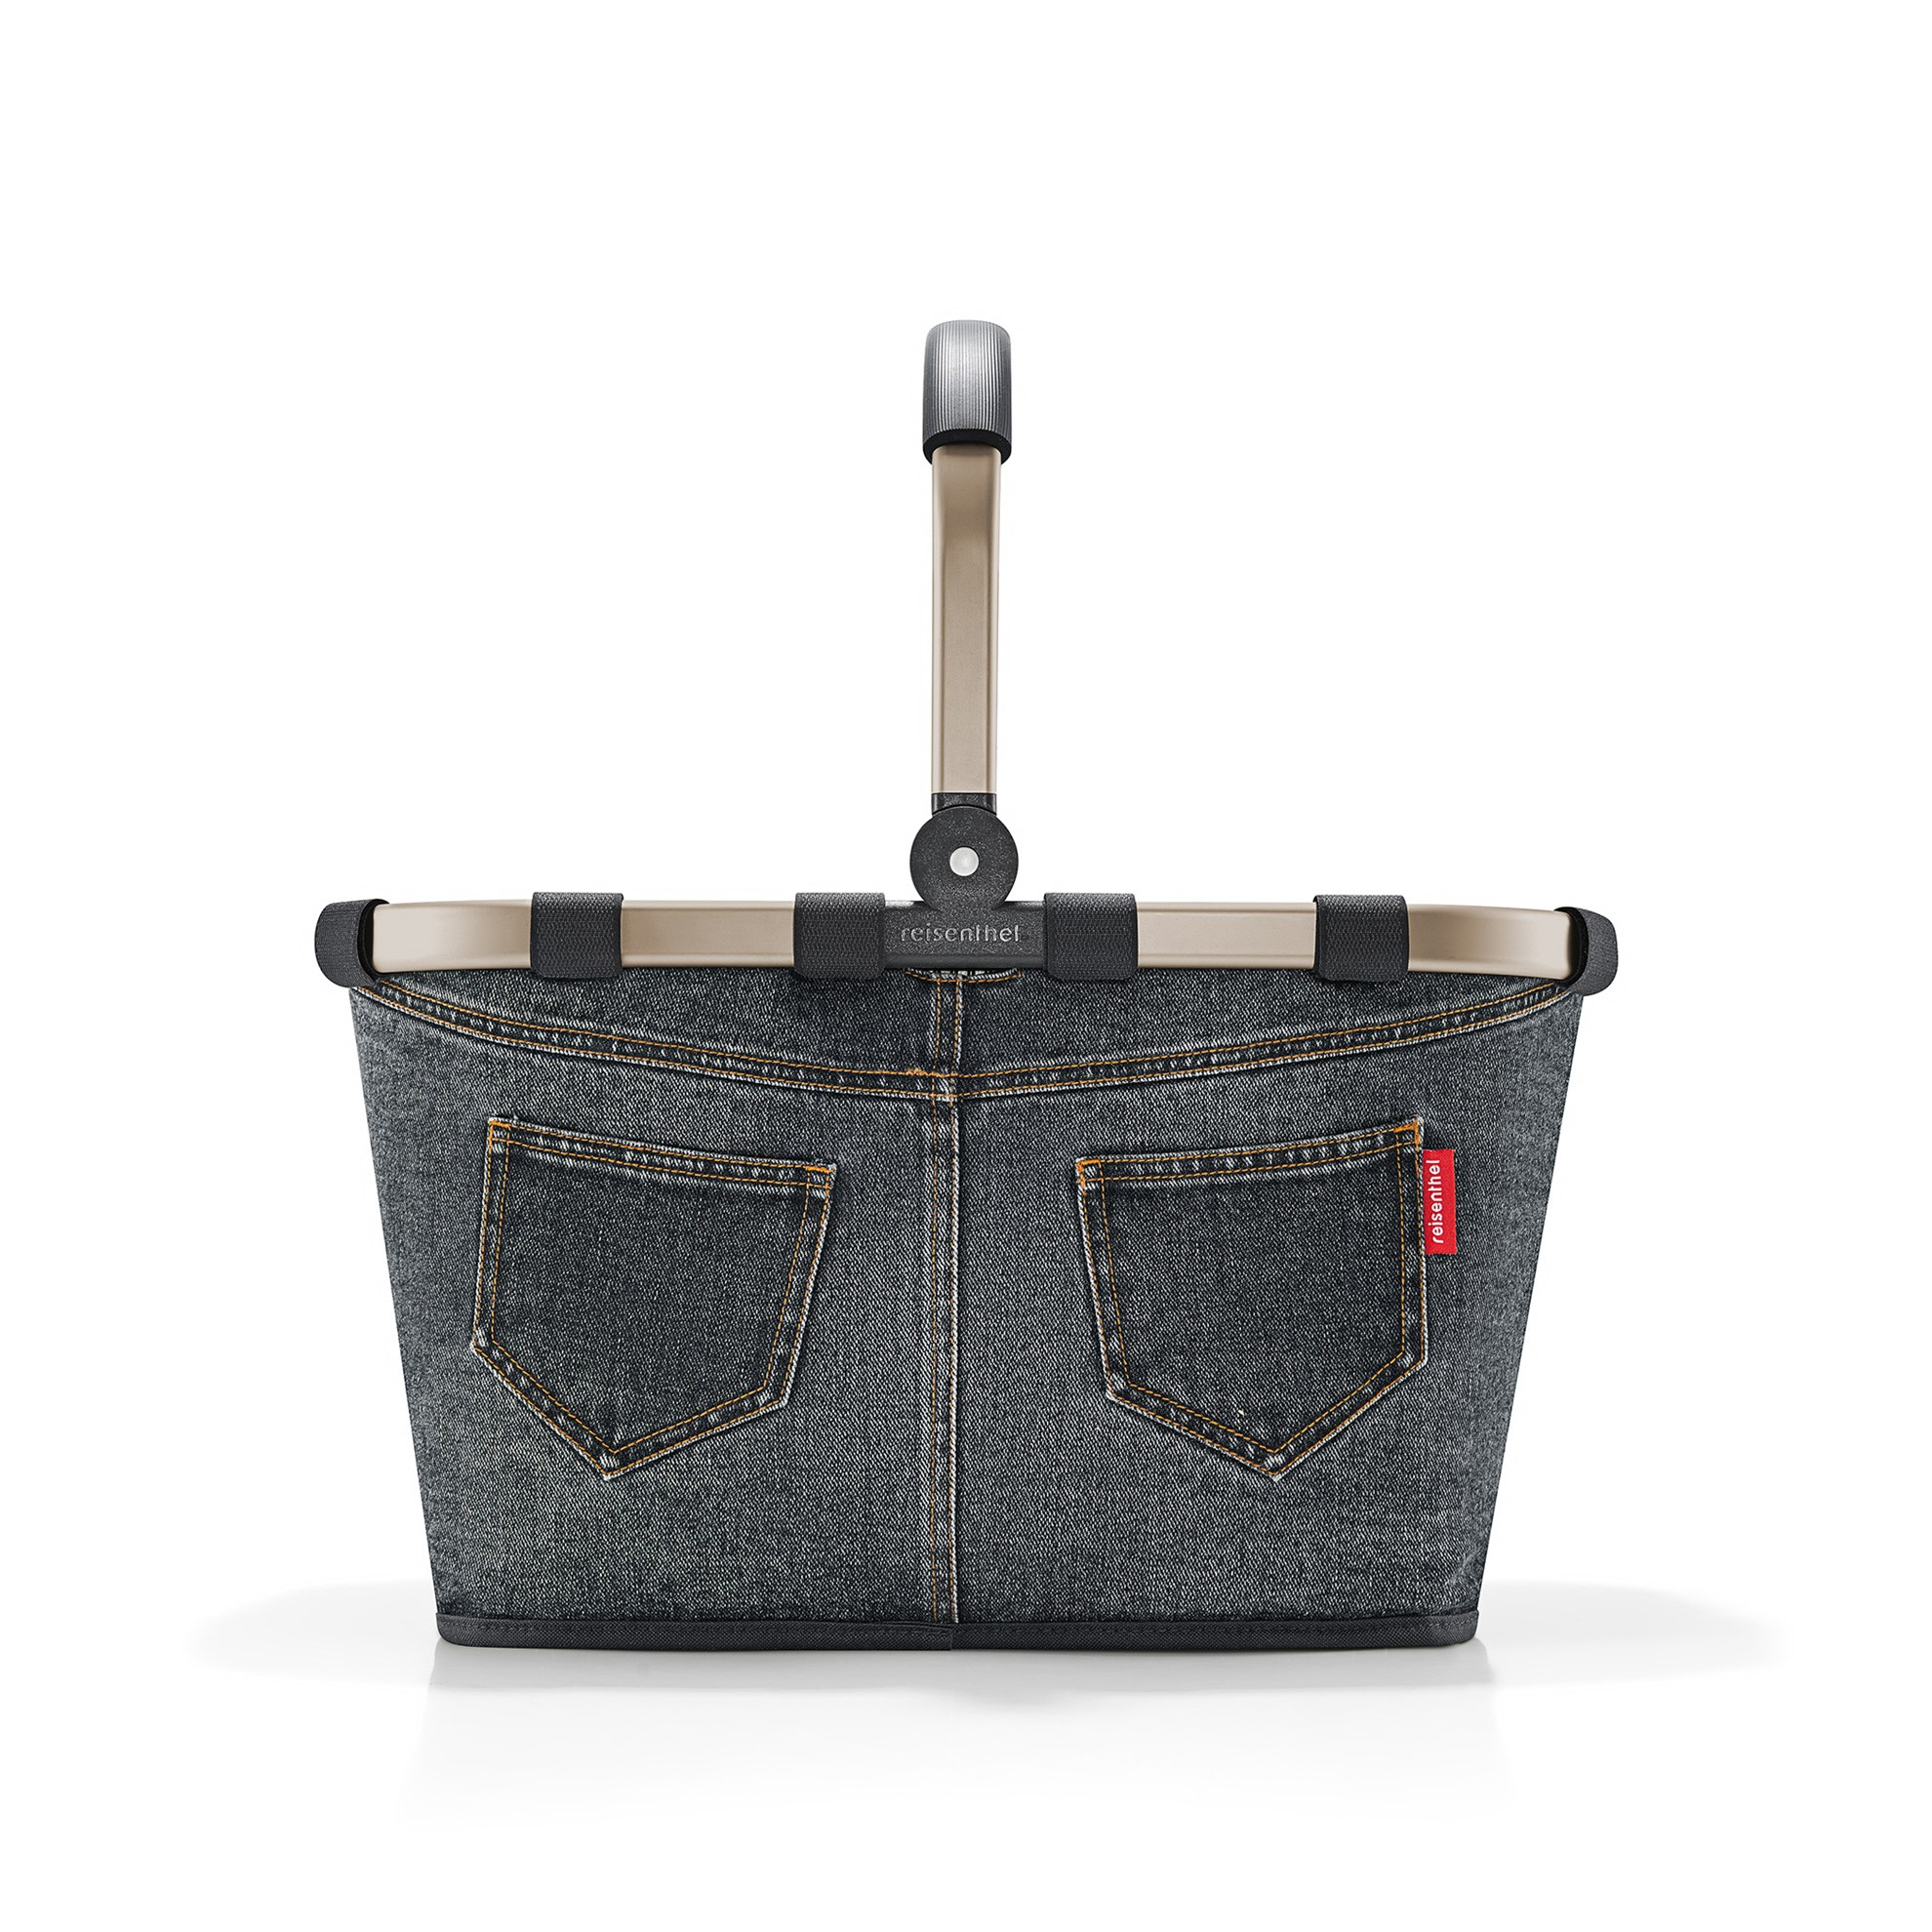 Nákupní košík Carrybag frame jeans dark grey_2